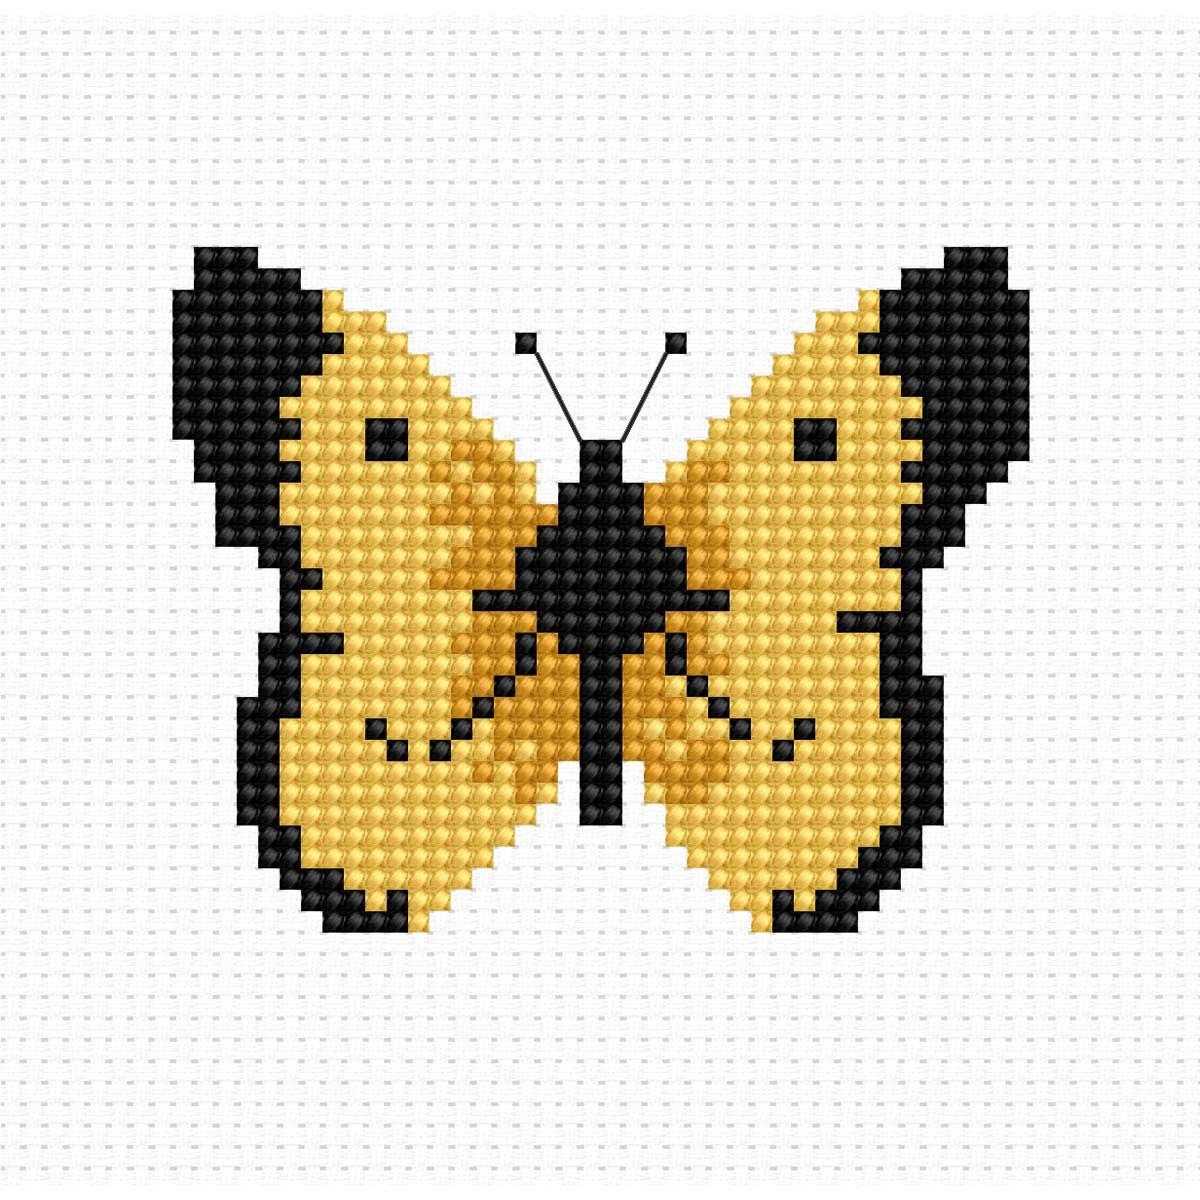 B004 Набор для вышивания Luca-S 'Моя первая вышивка. Бабочка' 7*6см